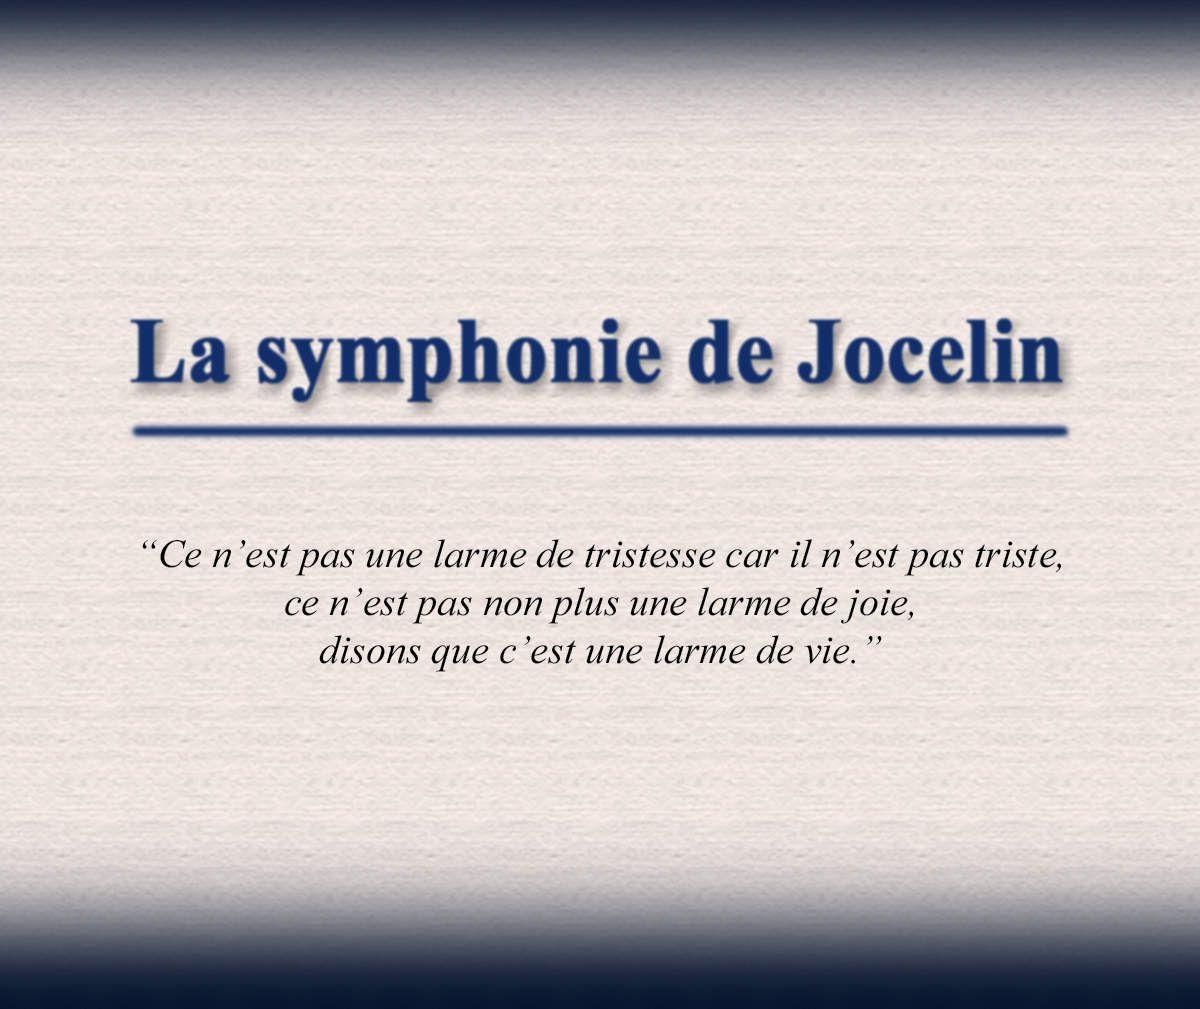 La symphonie de Jocelin